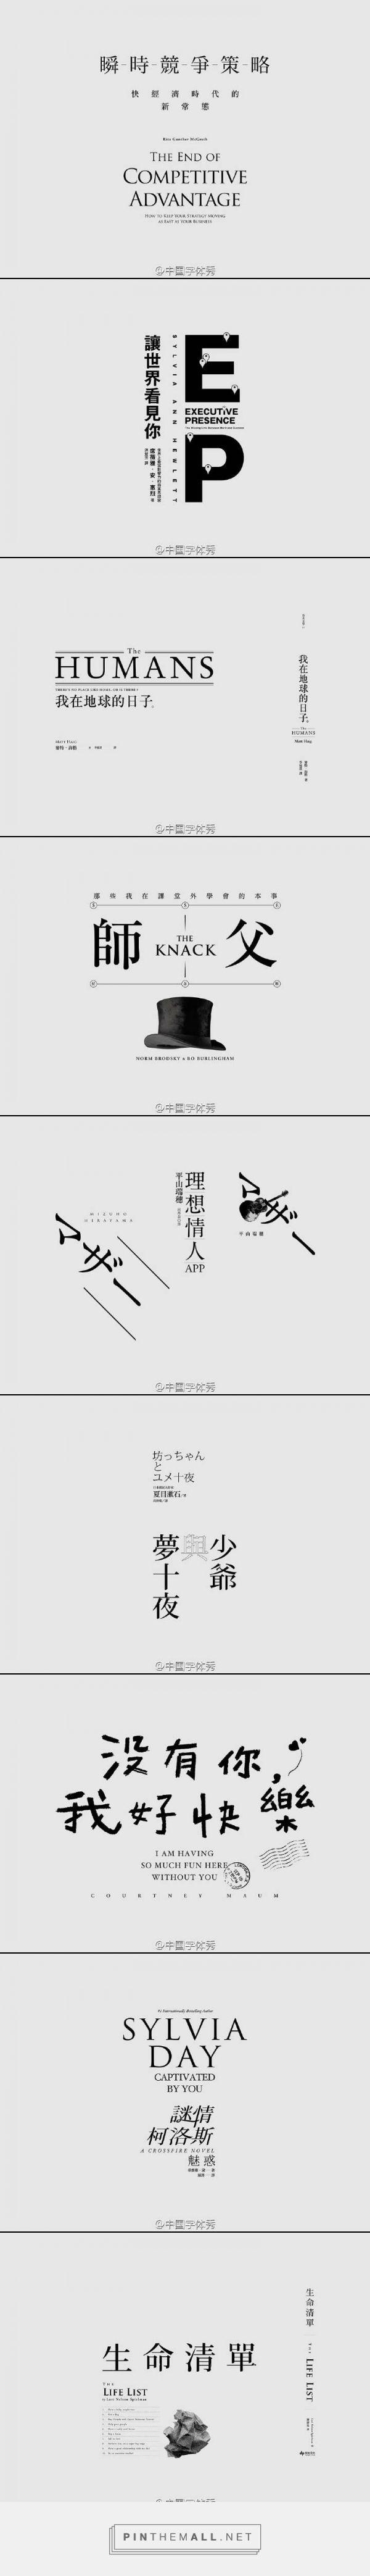 台灣設計師Bert Chu Chen(朱陳毅)書籍字體排版設計... - a grouped images picture - Pin Them All